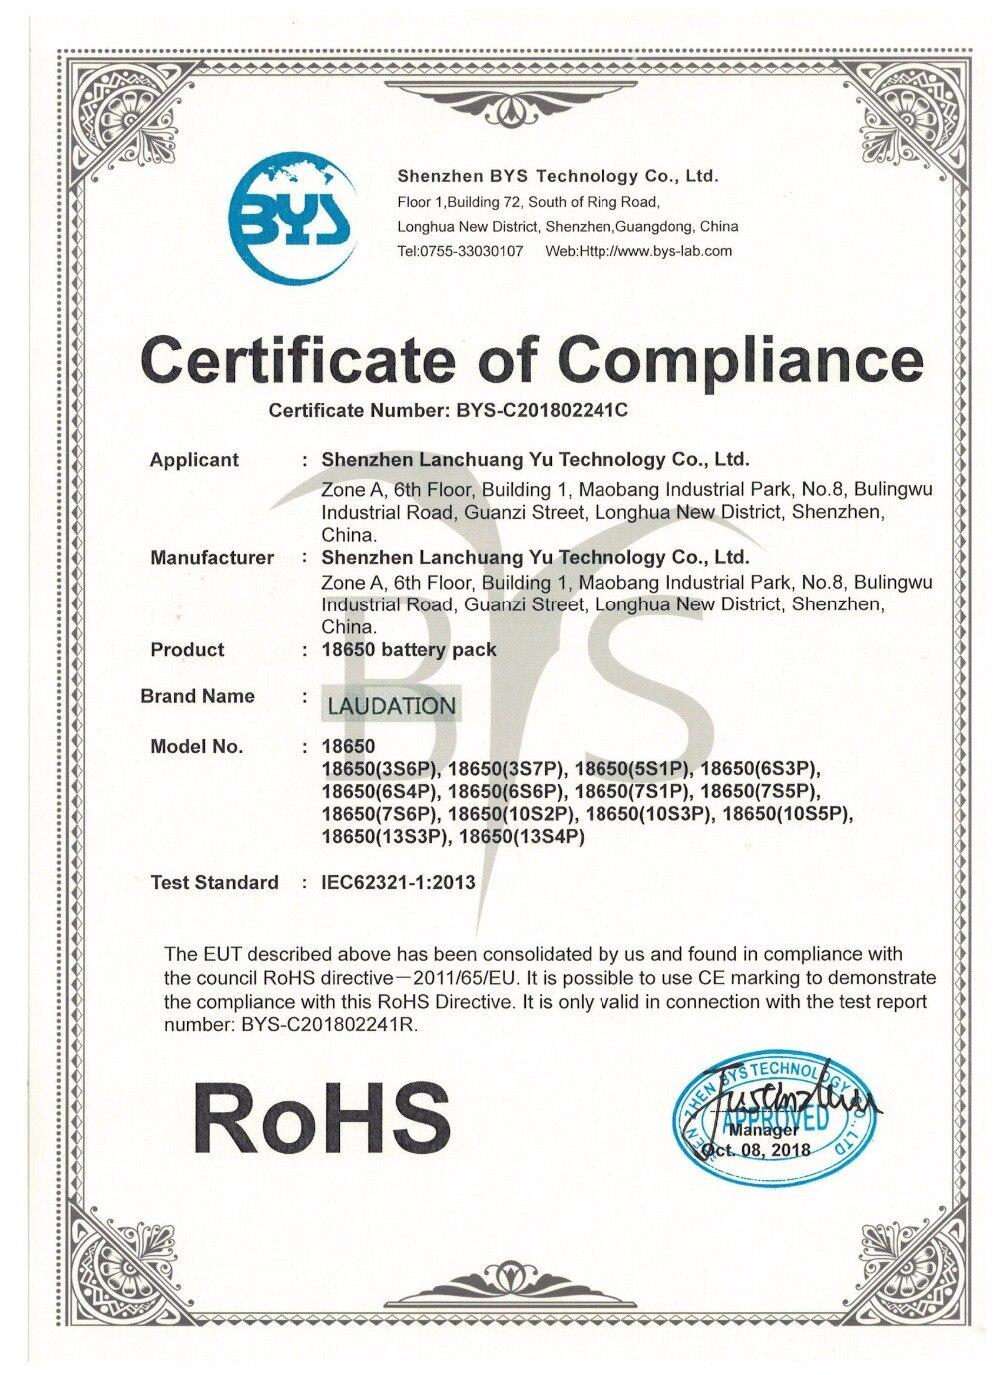 ROHS证书